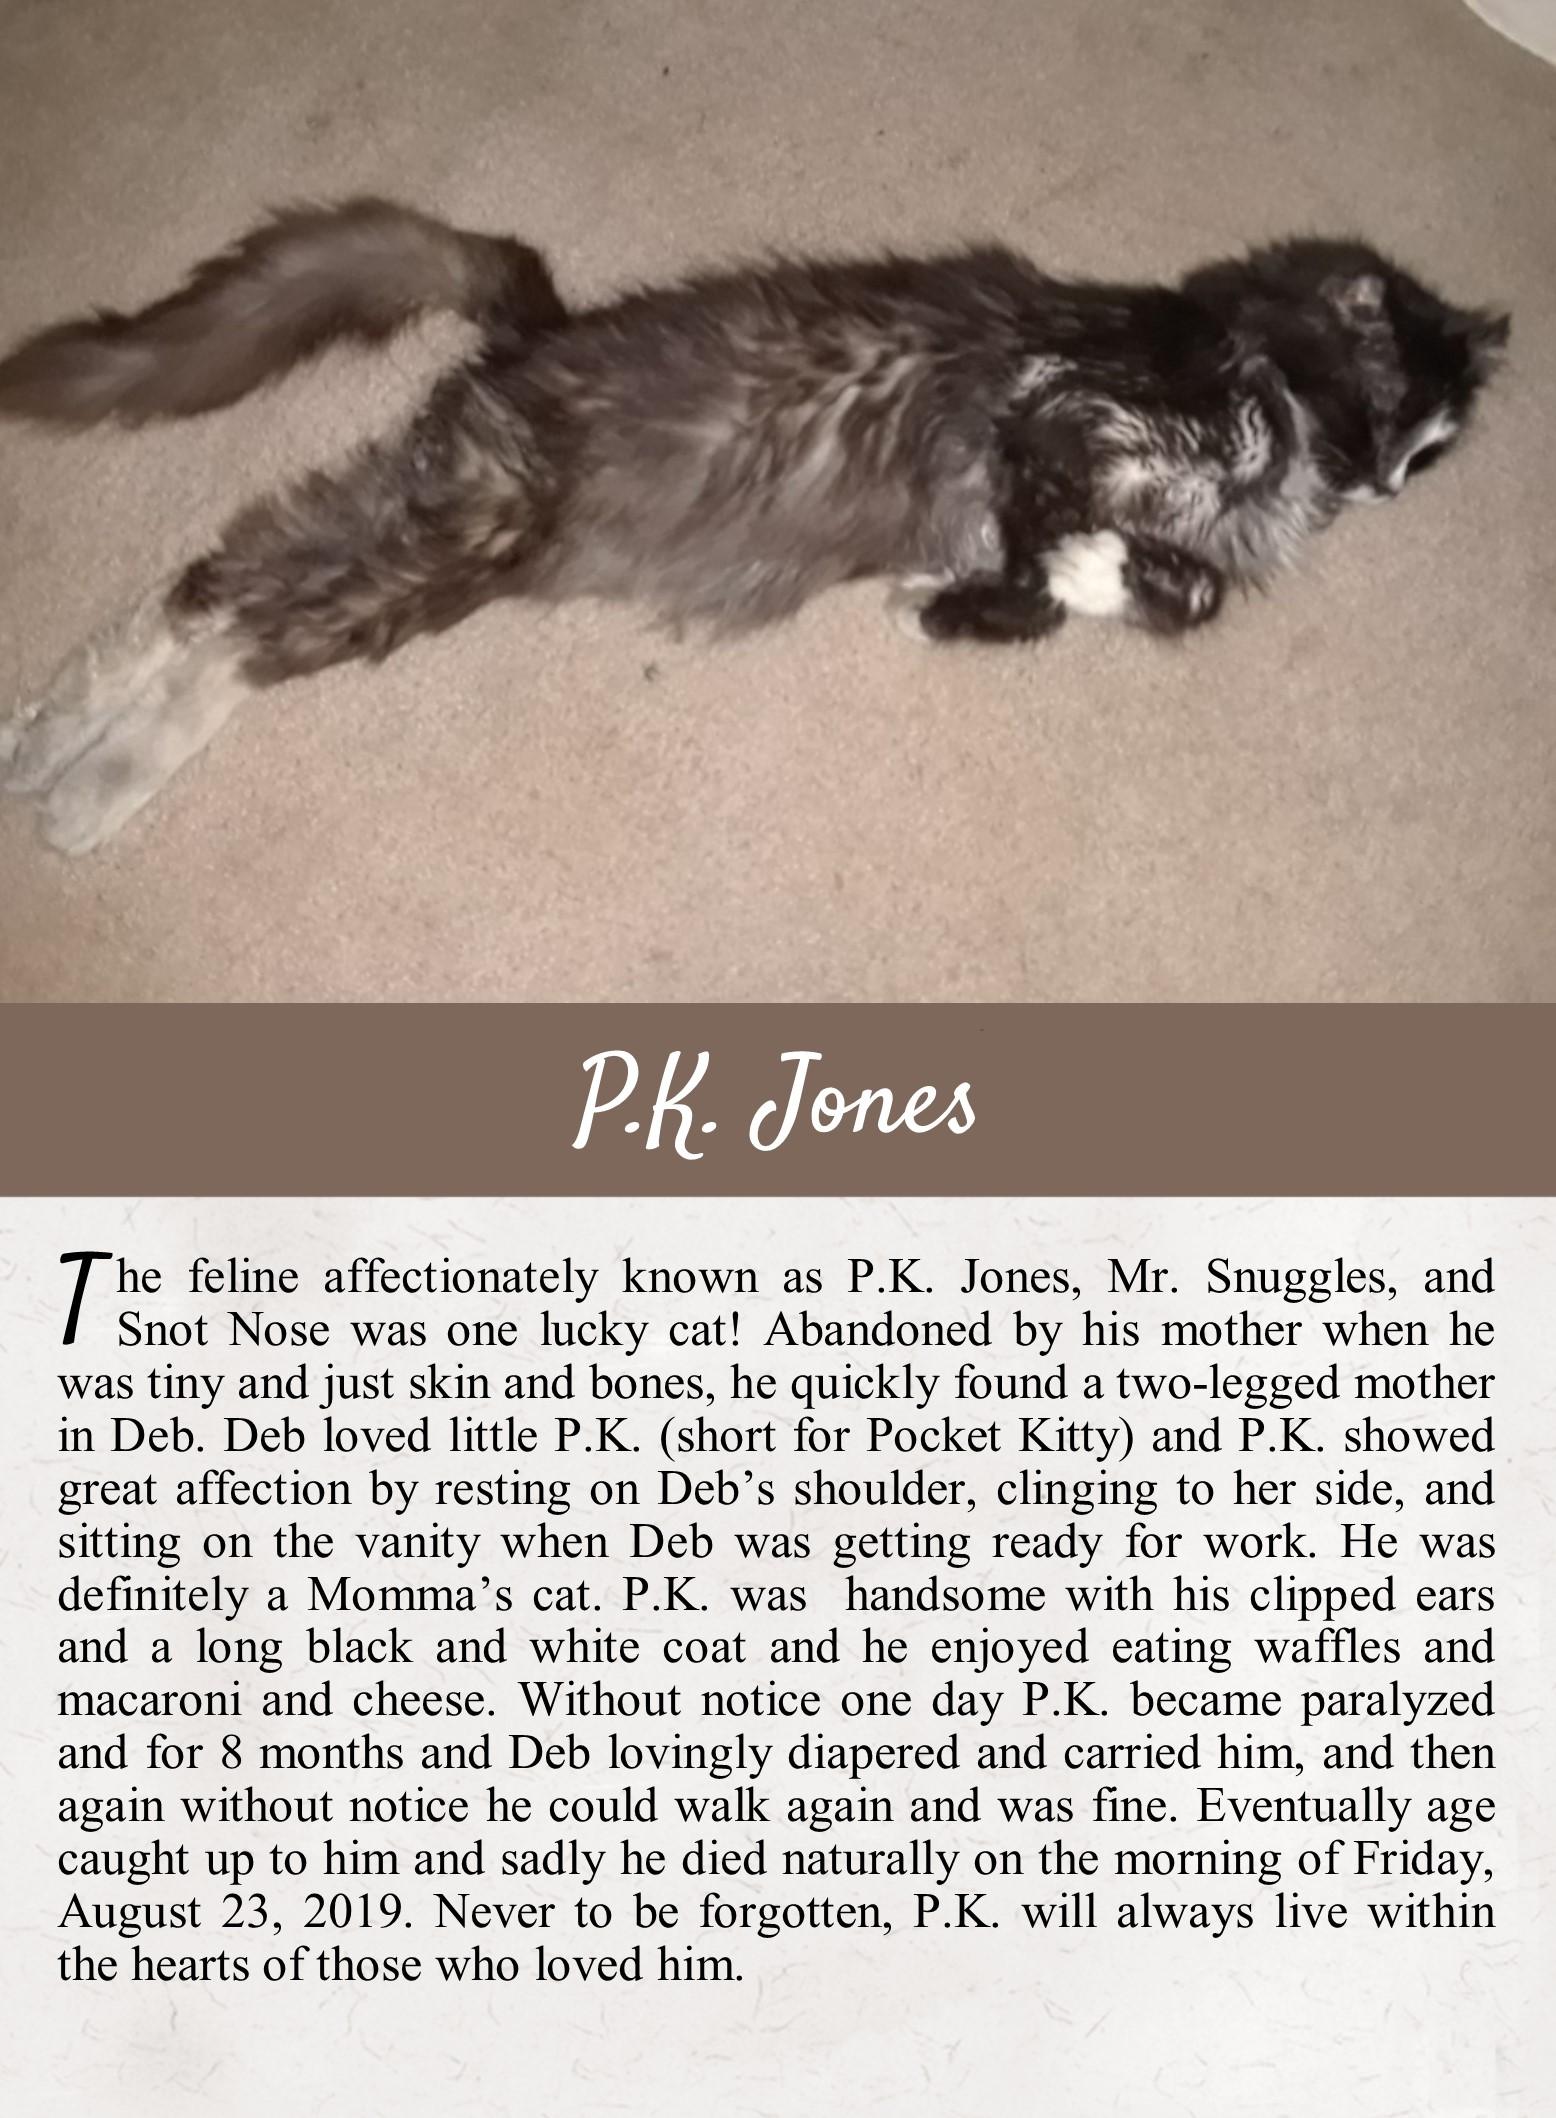 P.K. Jones' Life Tail